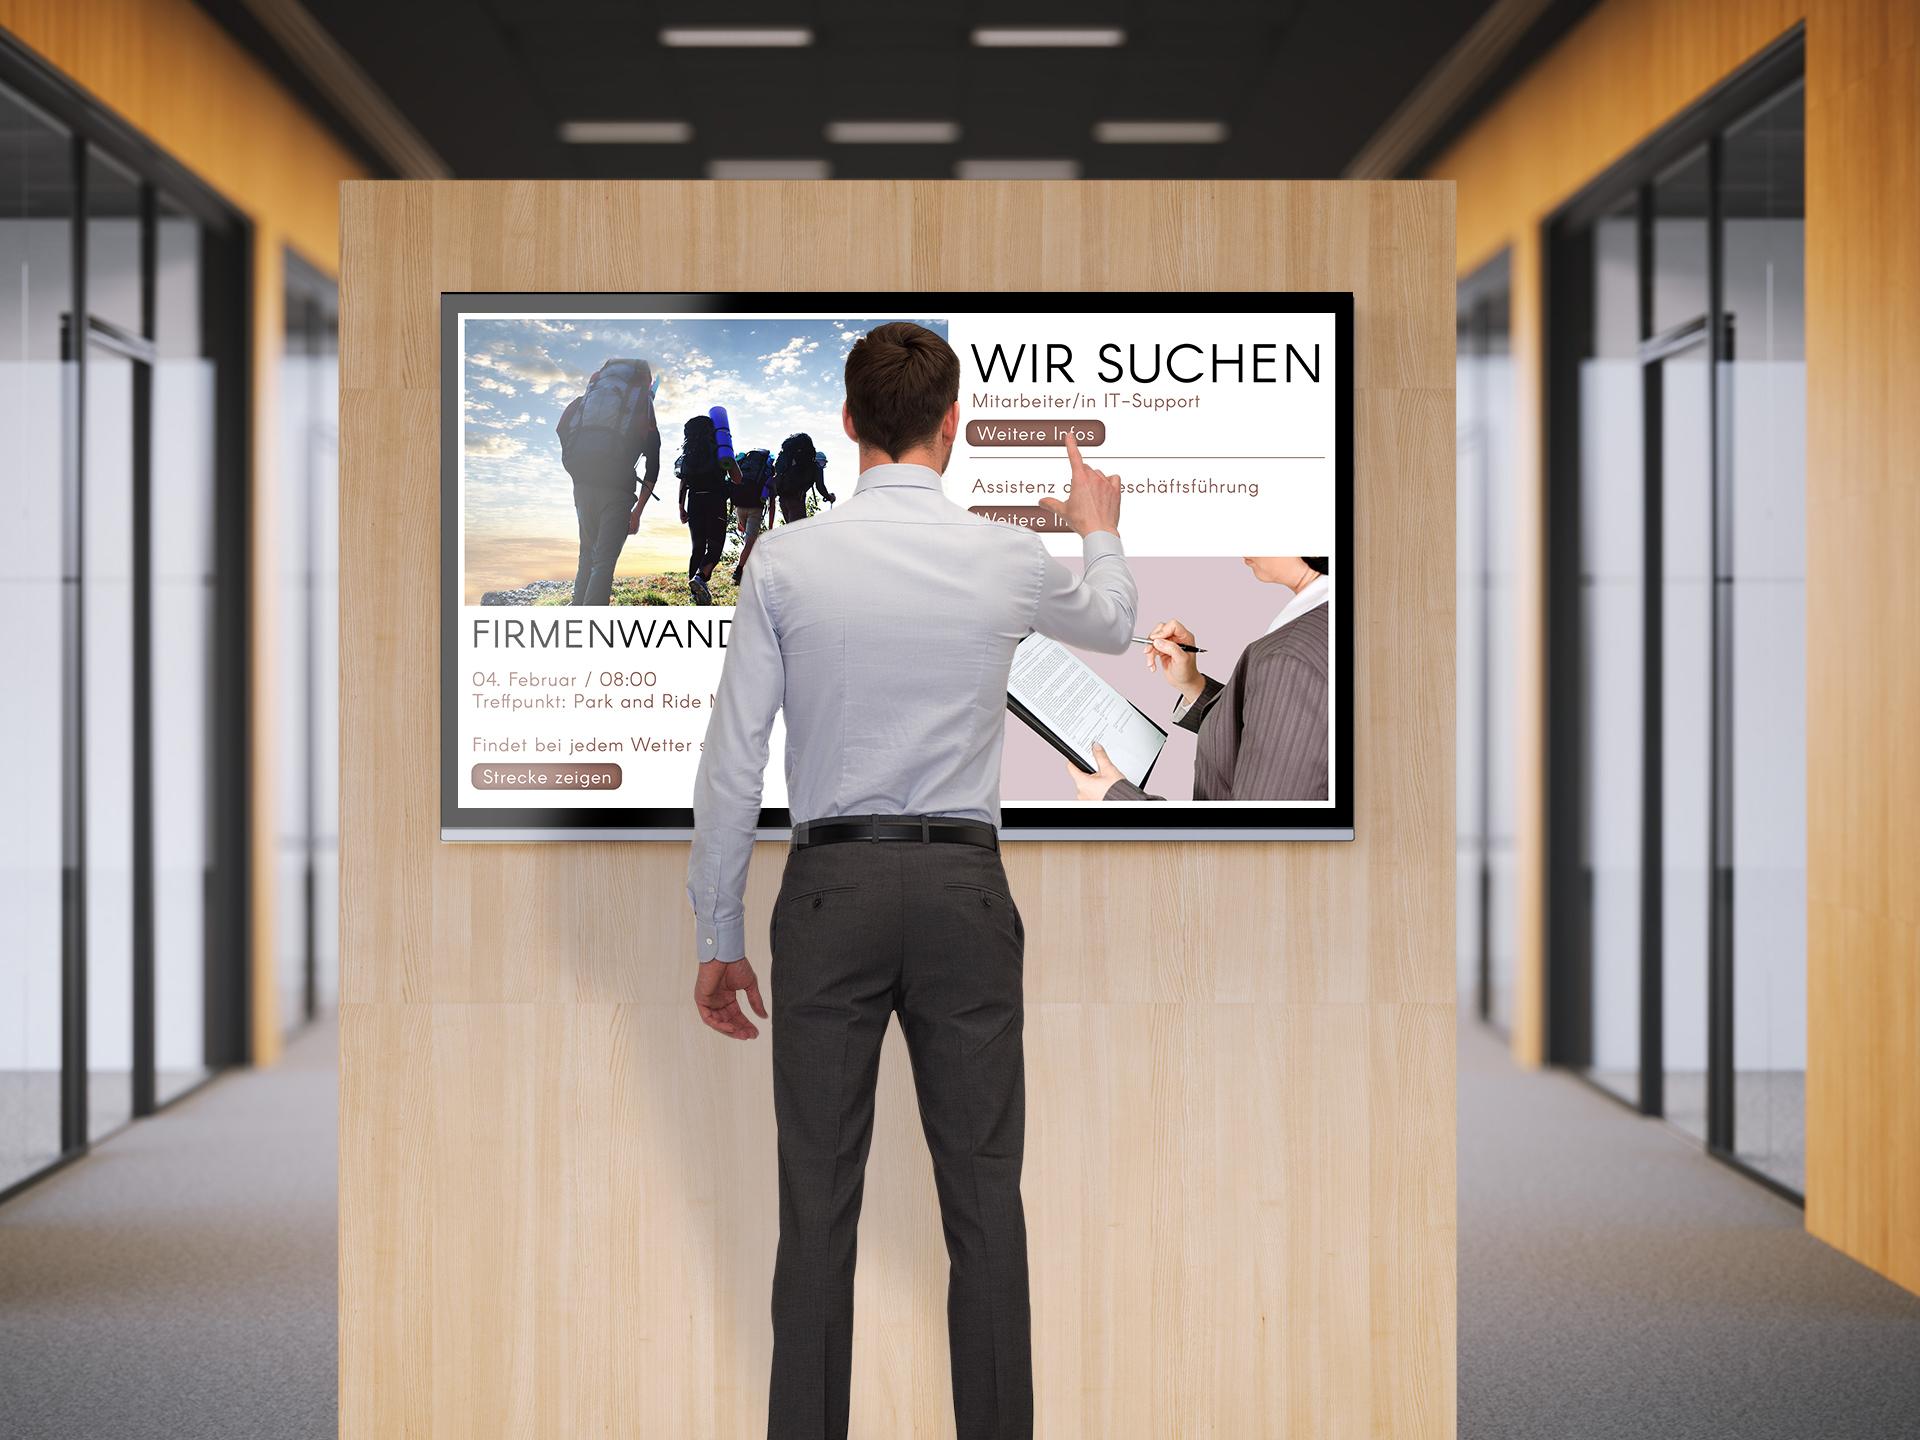 wesual interaktive Inhalte per touch-screen